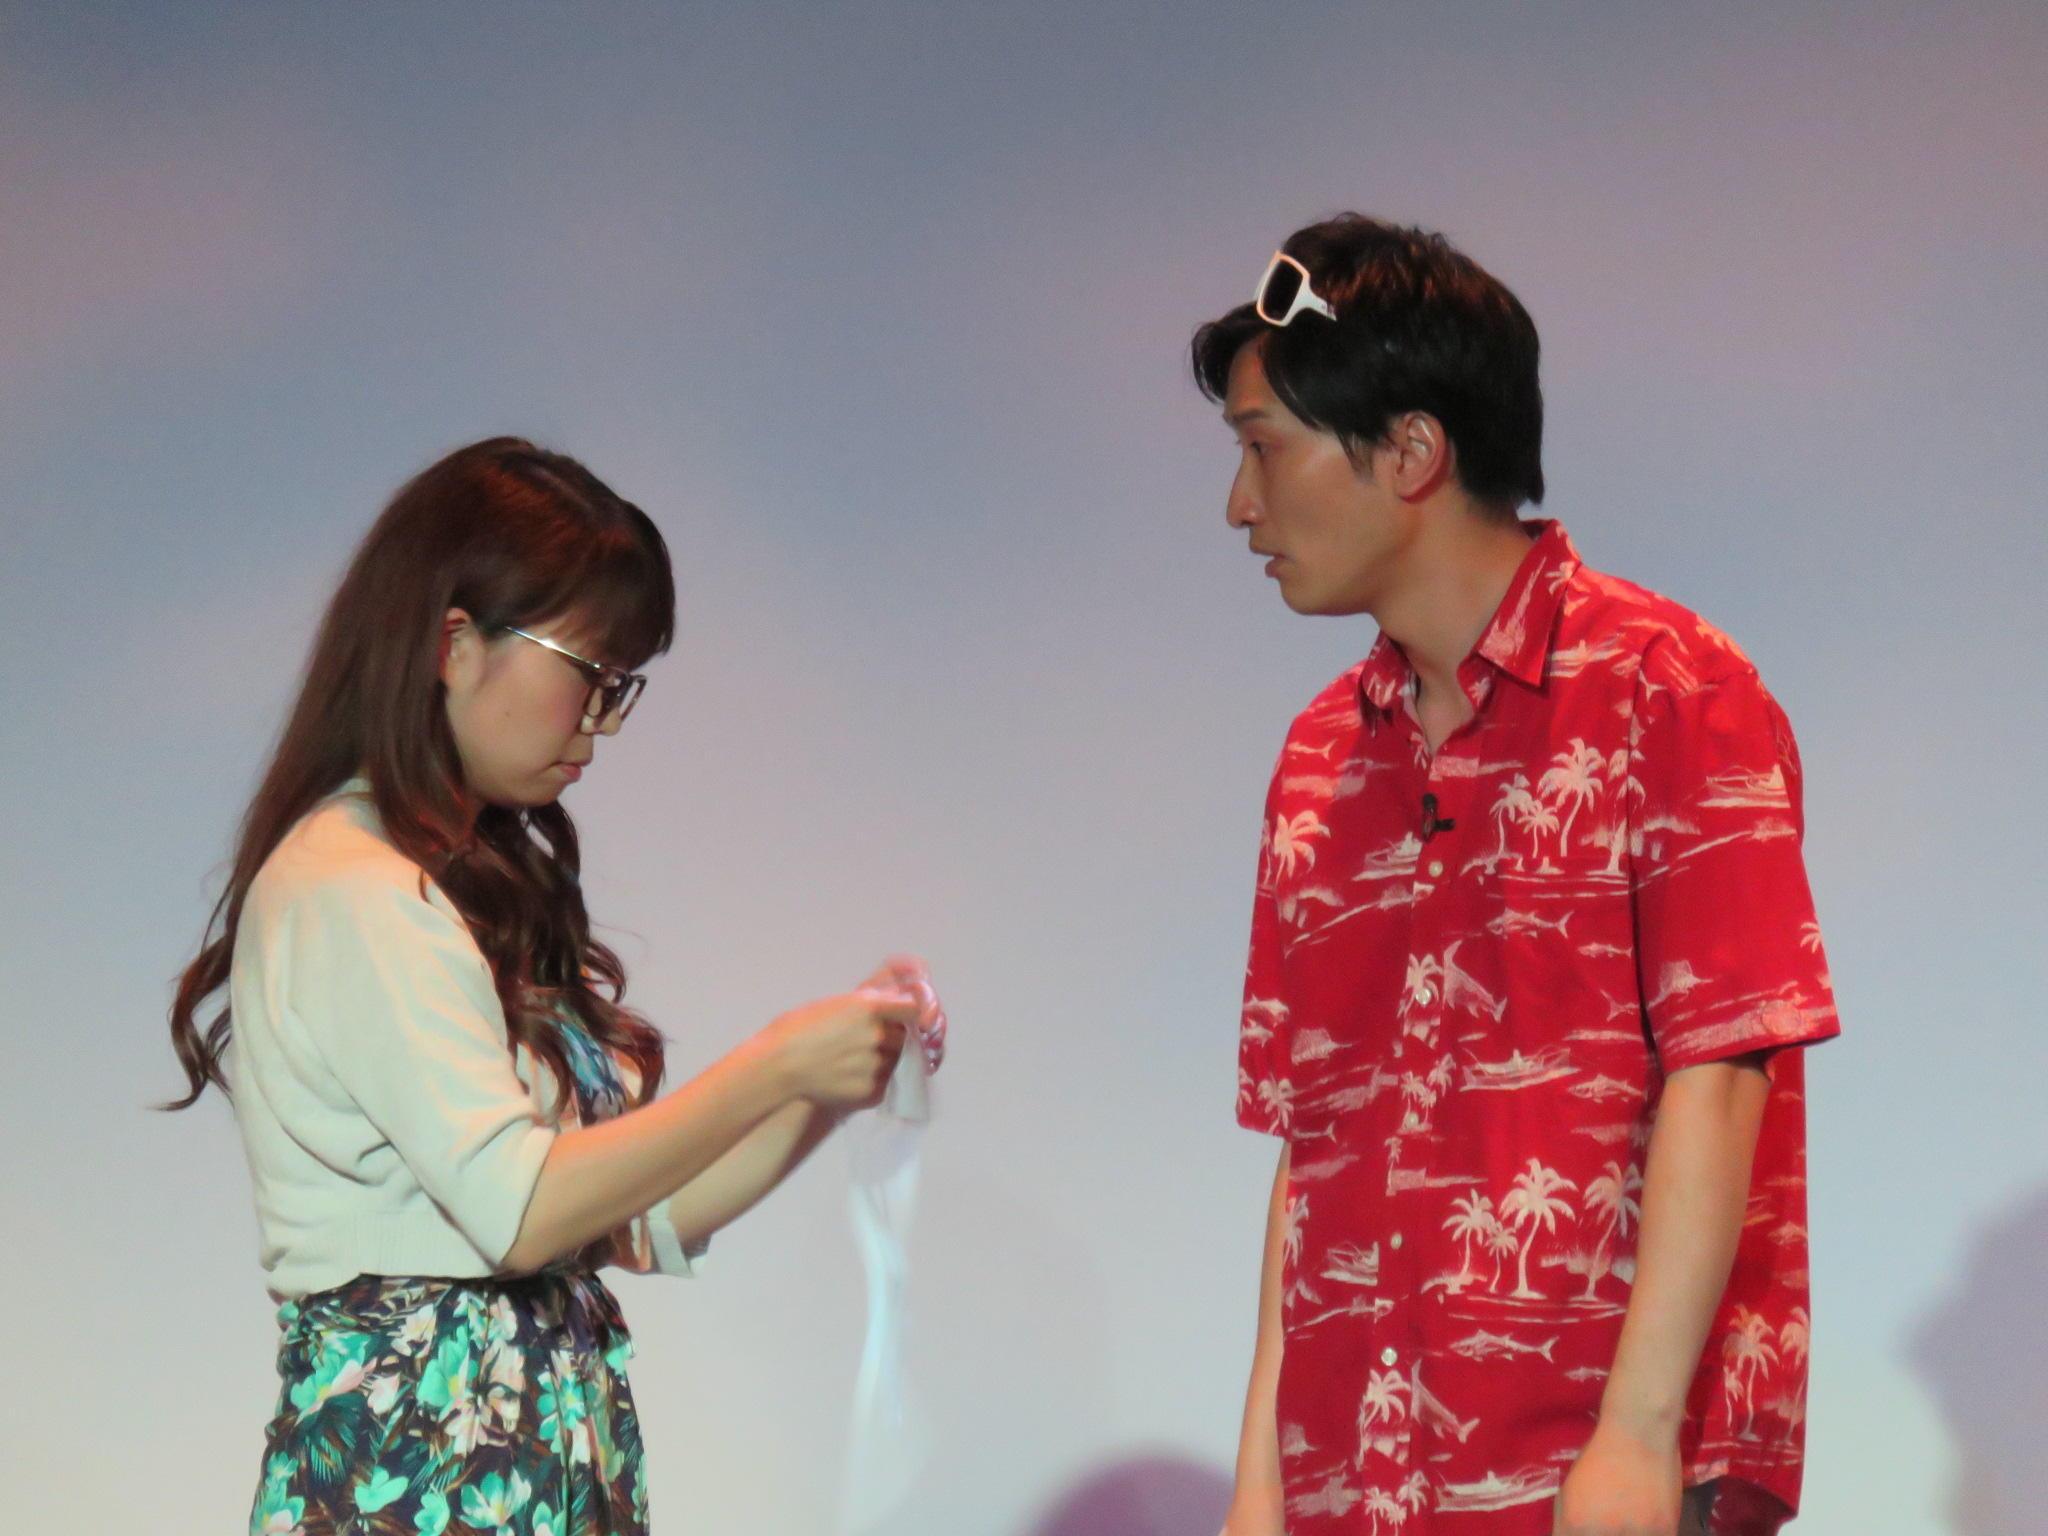 http://news.yoshimoto.co.jp/20170810215606-eff443b8b319f91823eda1b296c6a47229efba20.jpg